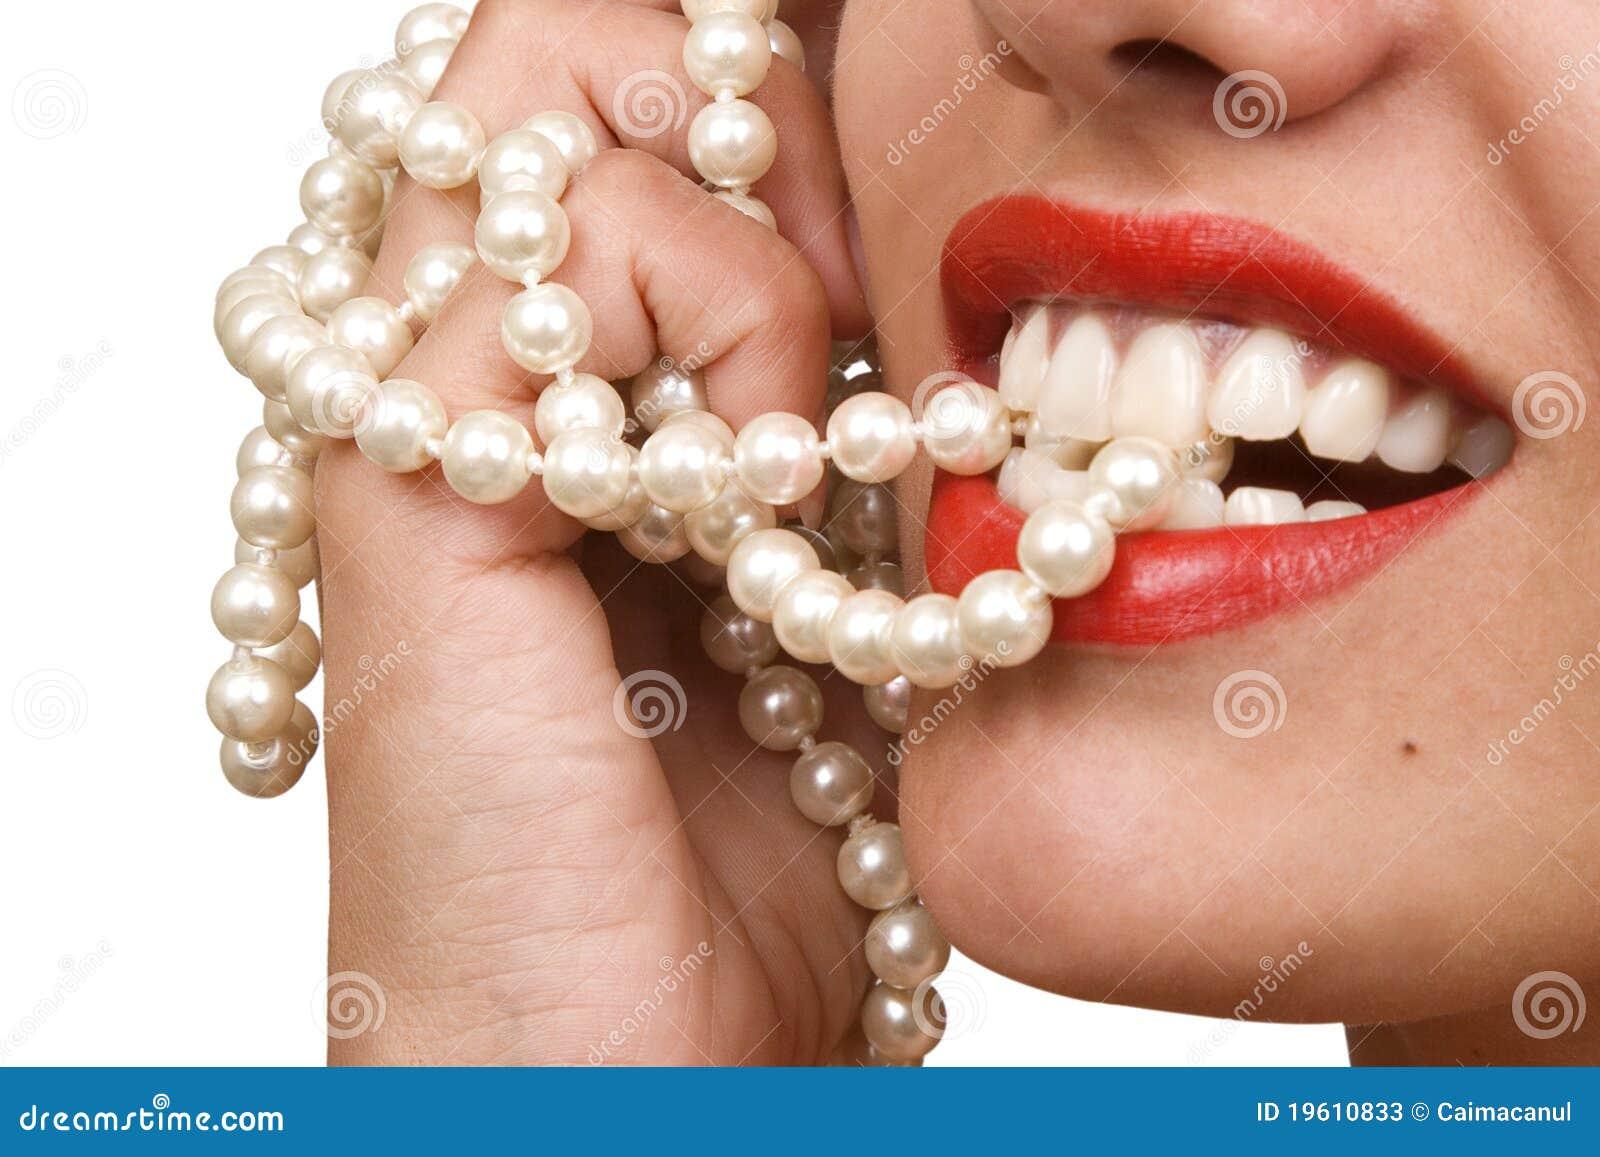 Член в зубах фото 4 фотография